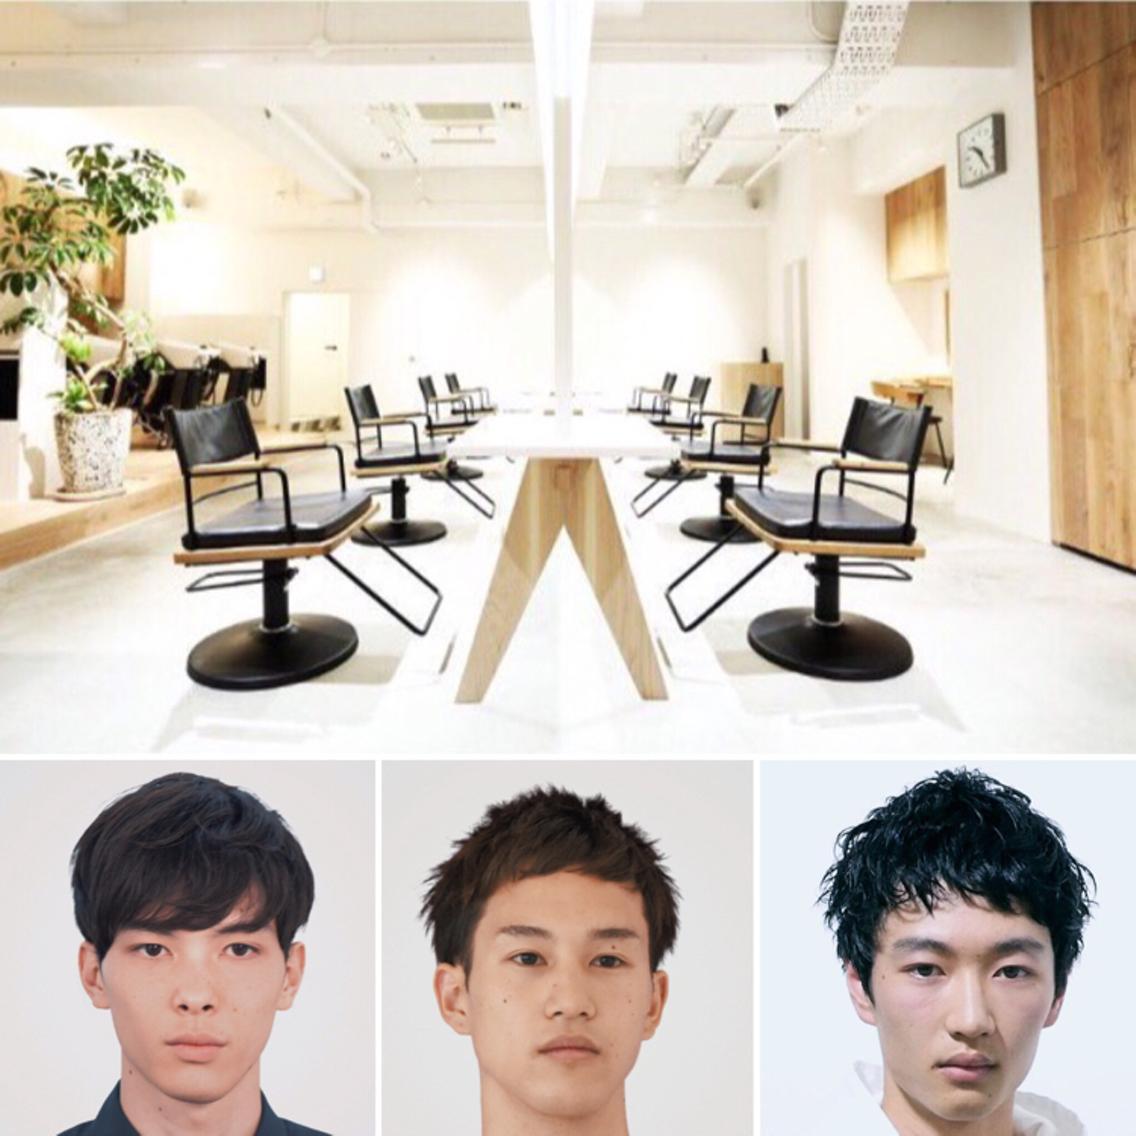 学生限定!メンズカットモデル募集(無料)✨京都烏丸三条の美容室